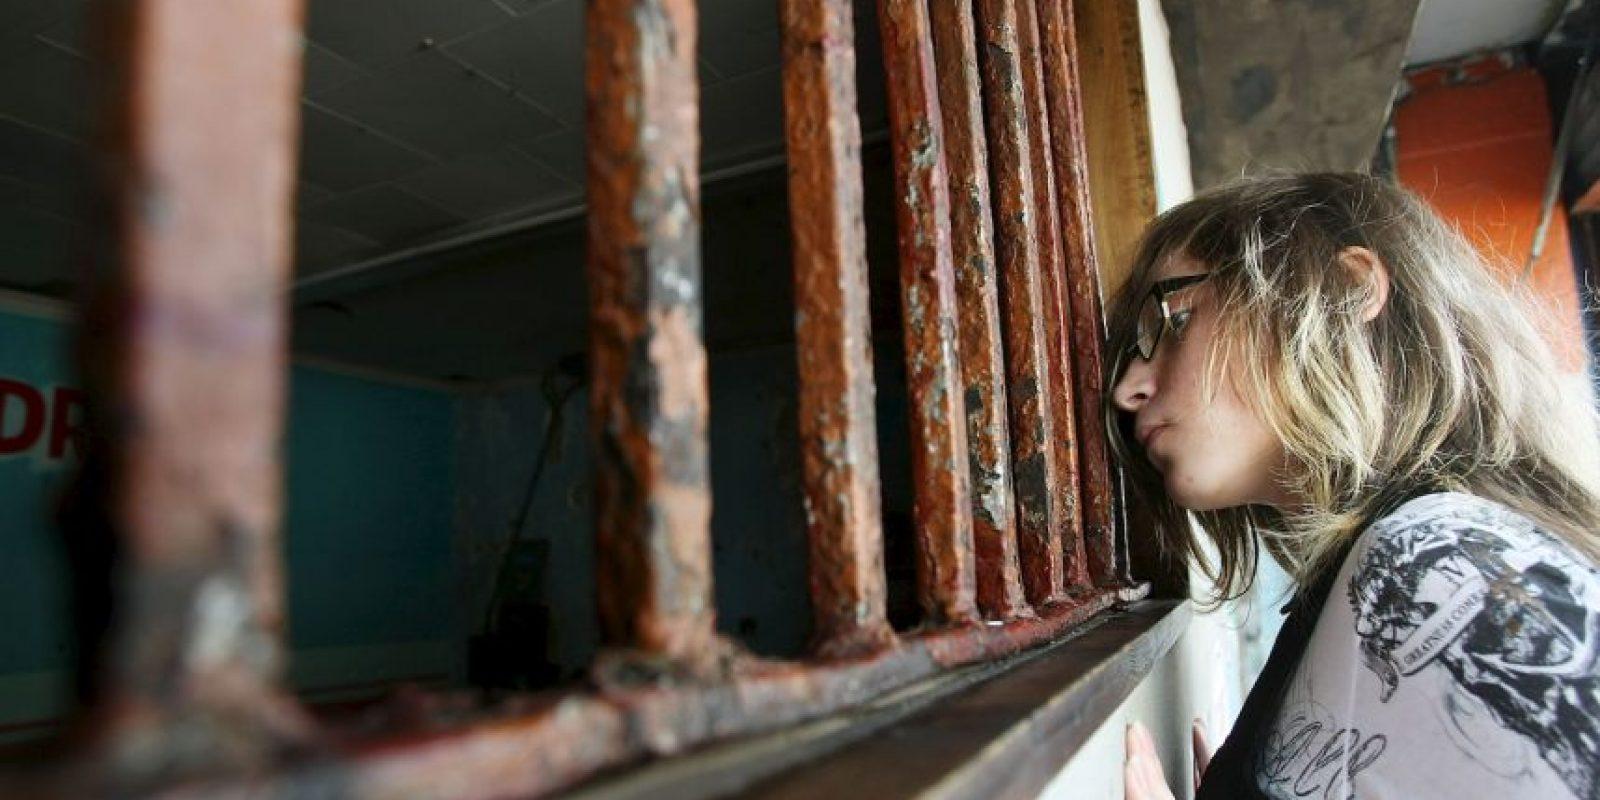 En algunos países, una gran parte de la población acepta el uso de la tortura y otros tratos crueles, inhumanos o degradantes como respuesta a los altos índices de delincuencia violenta. Foto:Getty Images